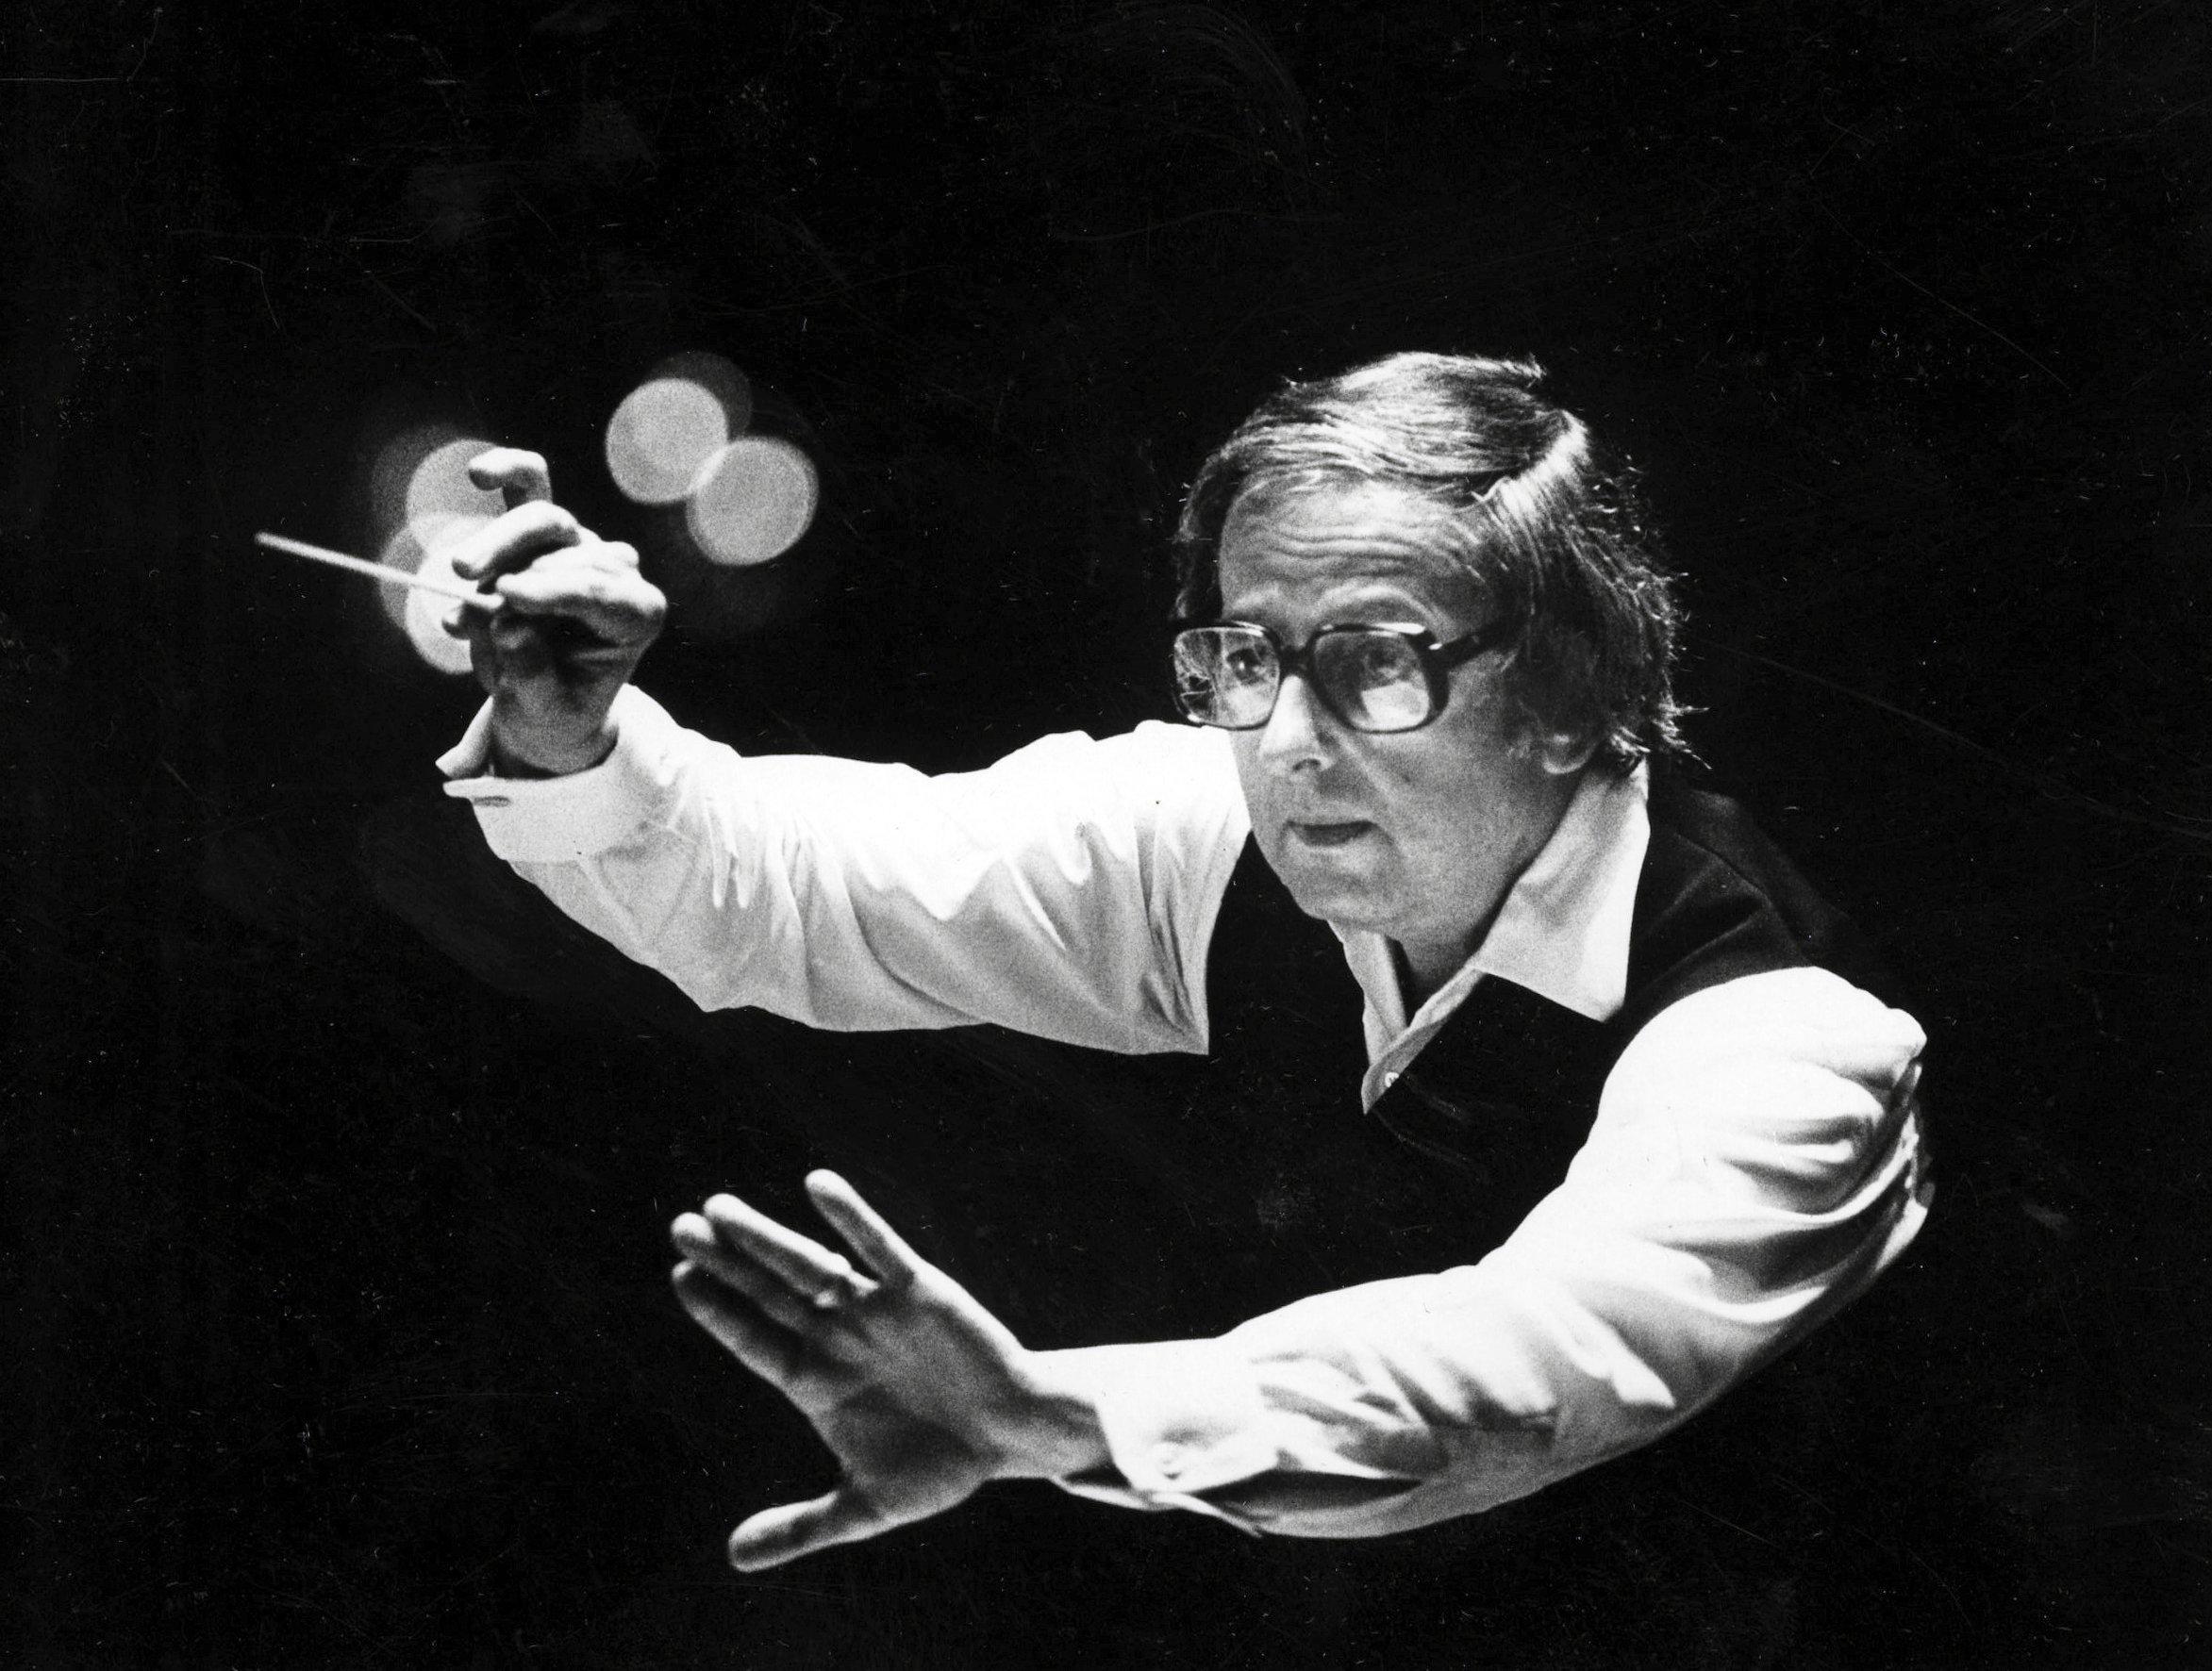 Πέθανε ο βραβευμένος με Όσκαρ συνθέτης Αντρέ